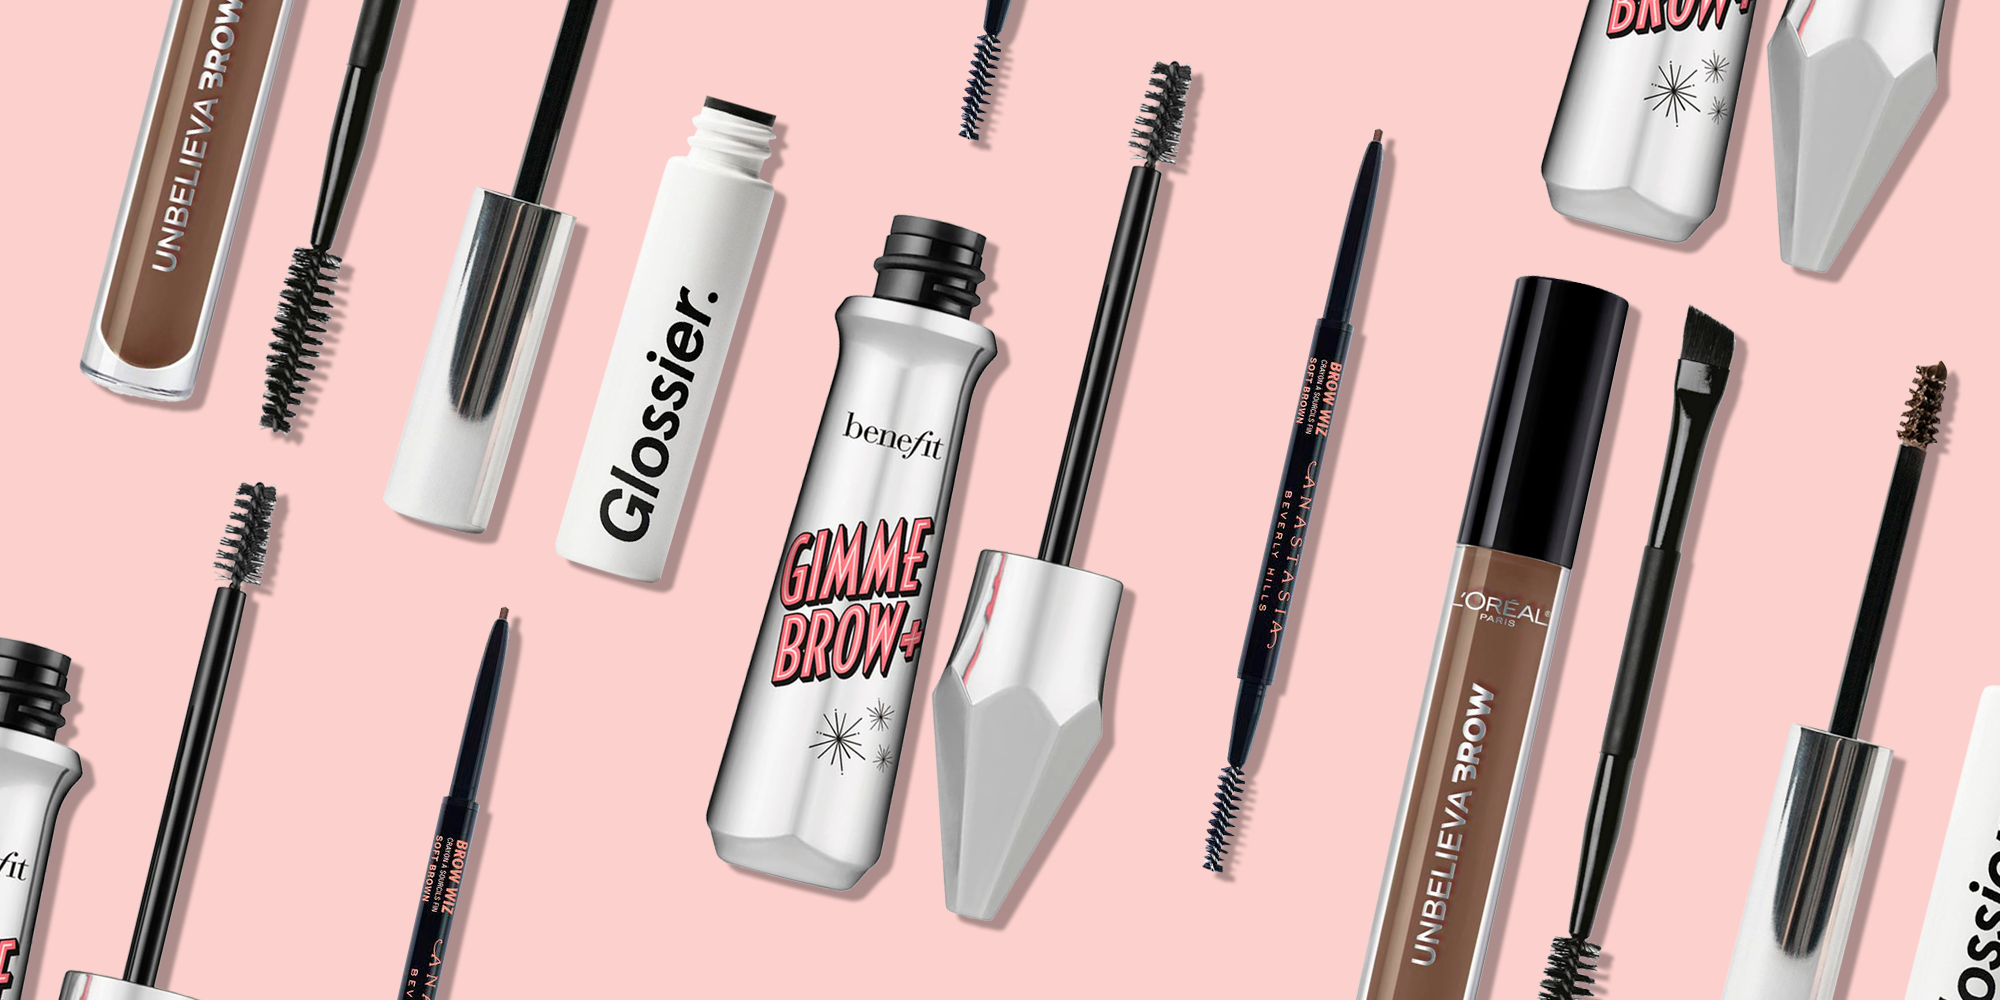 12 Best Eyebrow Makeup Of 2021 Top